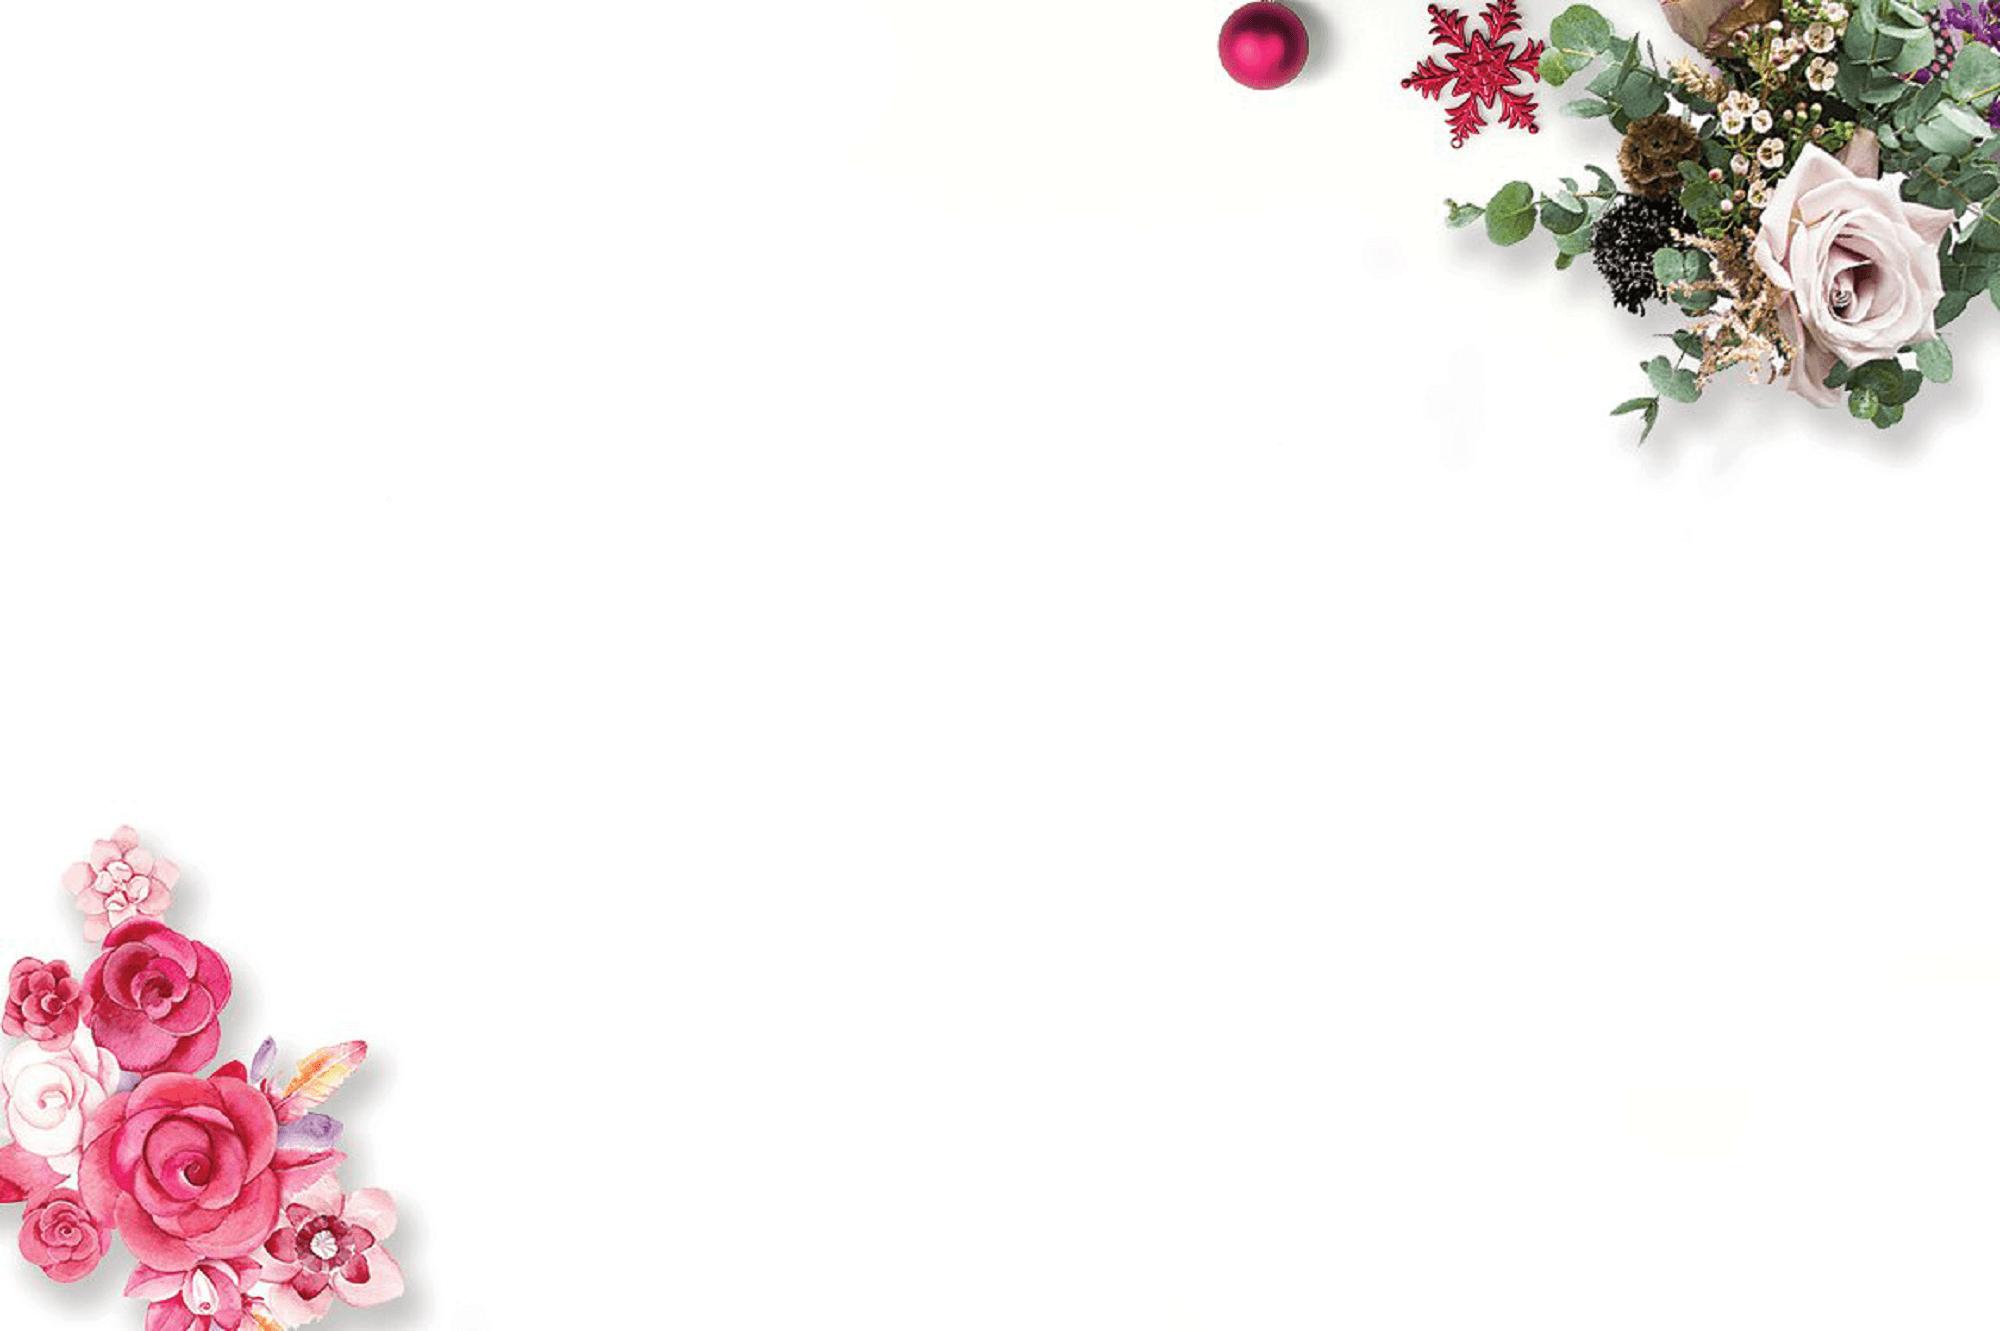 Hình ảnh background nền trắng bông hoa